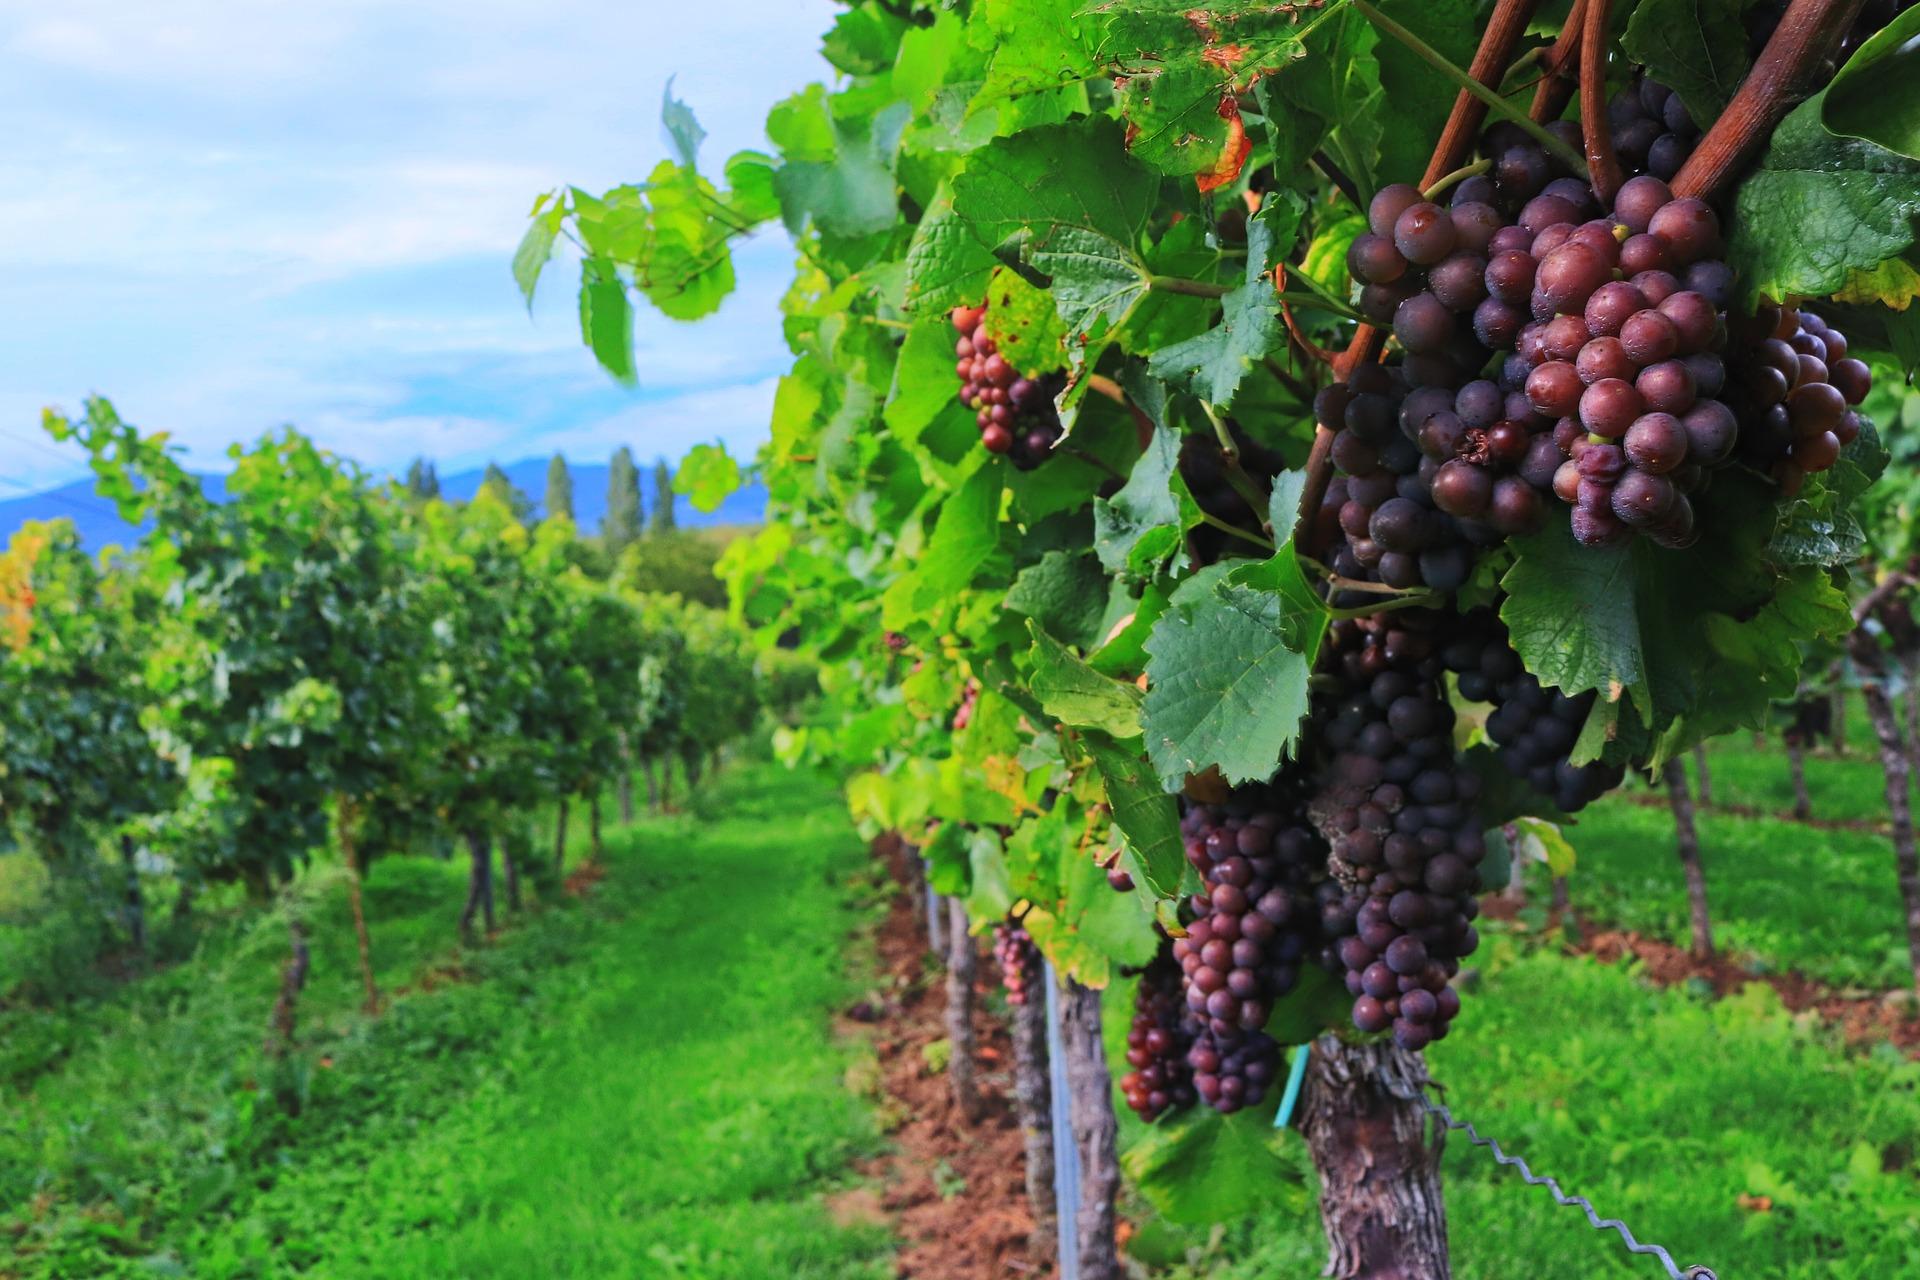 Heuriger Wein: Teurer, weniger, aber gute Qualität